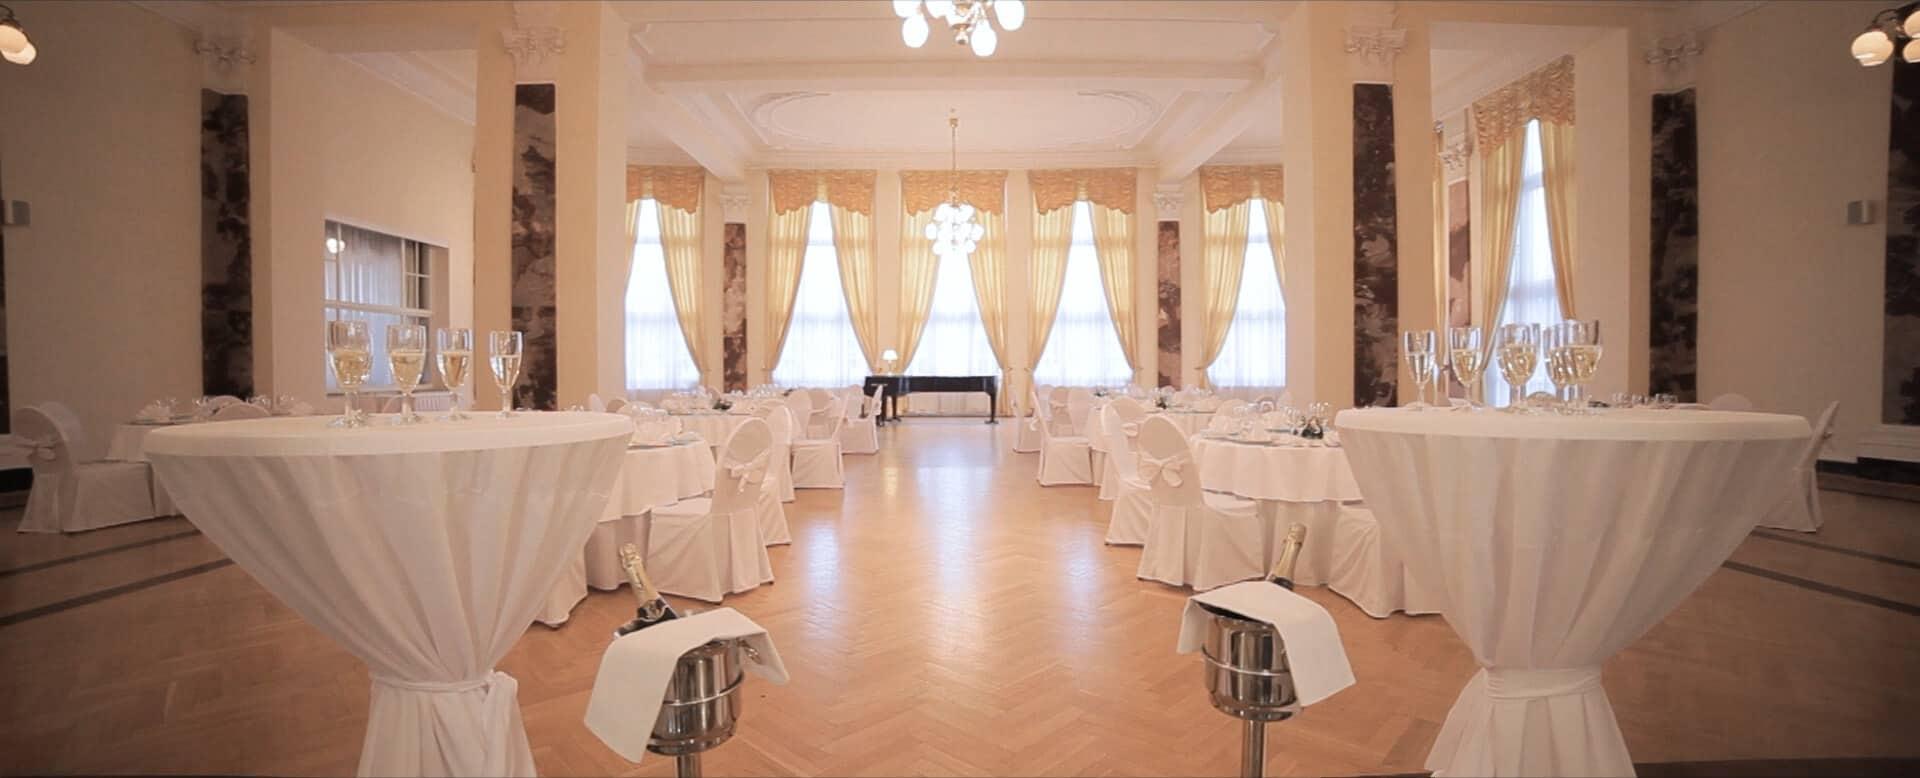 Hotel Imperial svatební catering